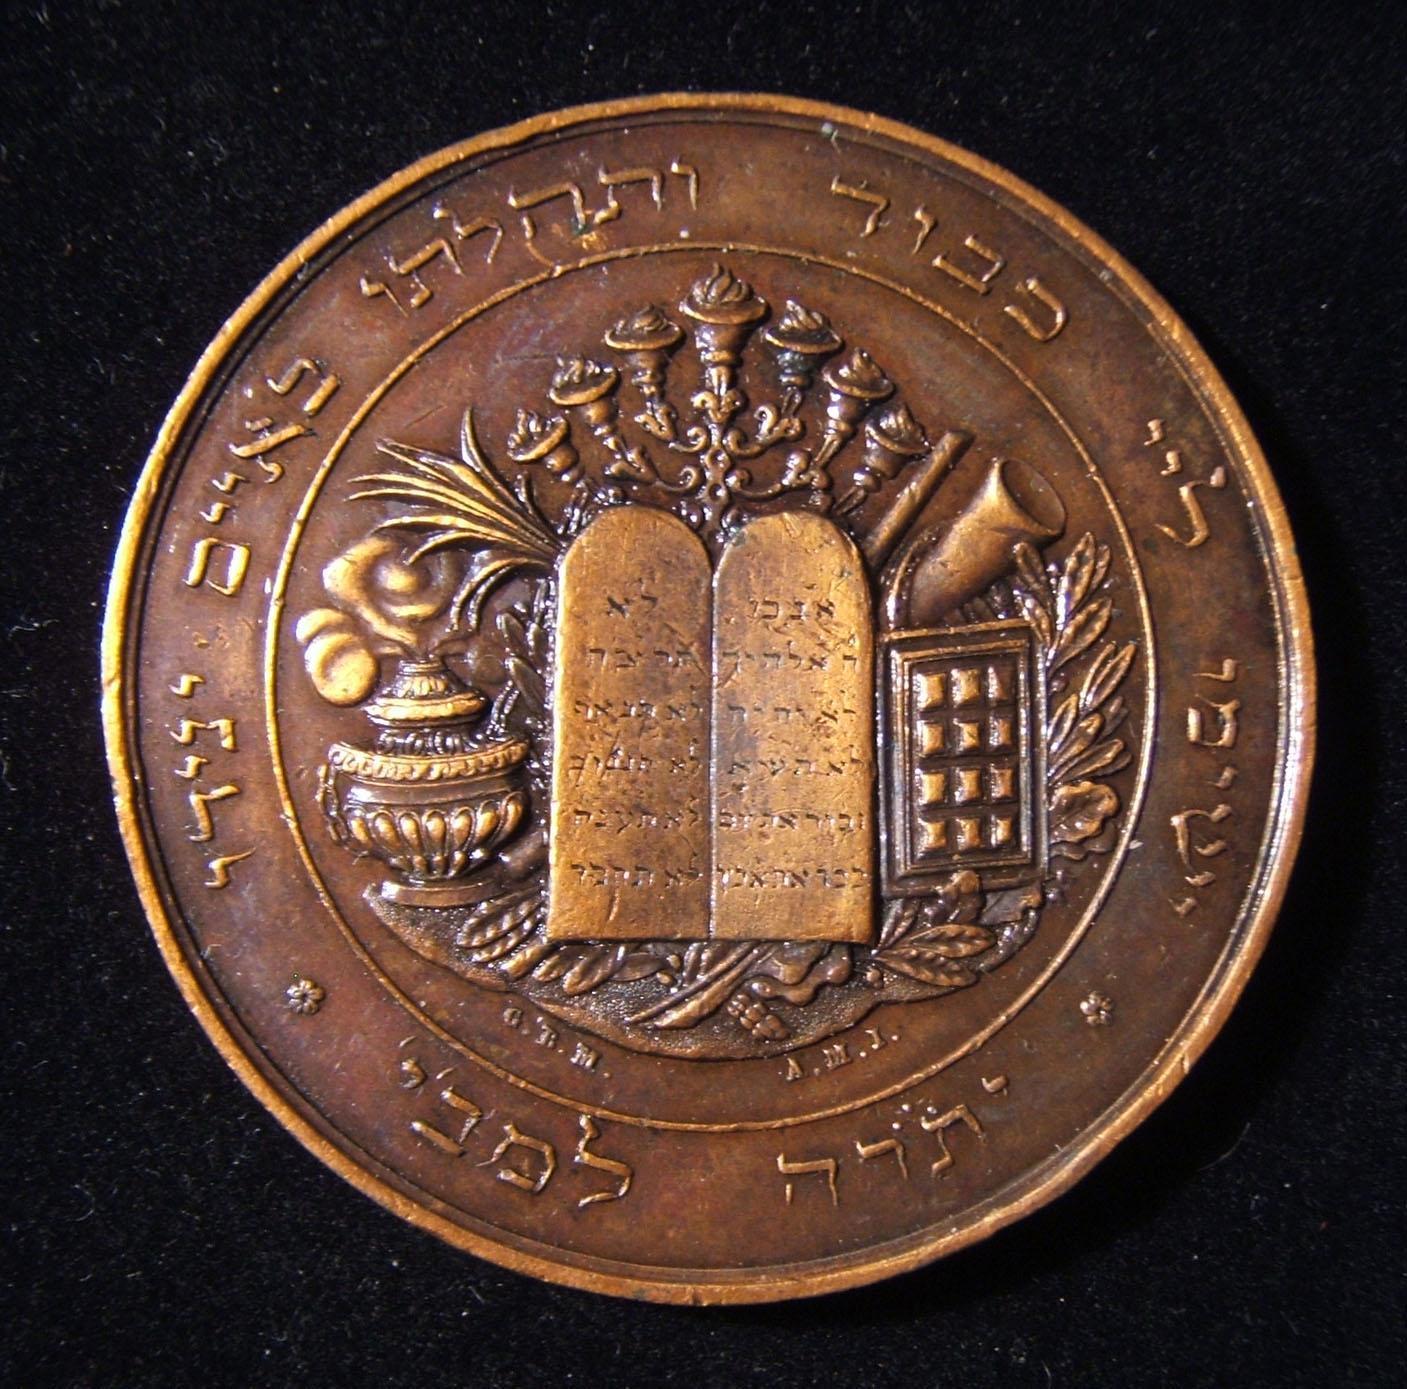 Italien: Anerkennungsmedaille an Albert Cohn, 1855 aus Bronze; von G.B.M & A.M.I; Größe: 55,25 mm; Gewicht: 64 g. Vorderseite: Objekte & Symbole des Judentums / der Tempel; Initial